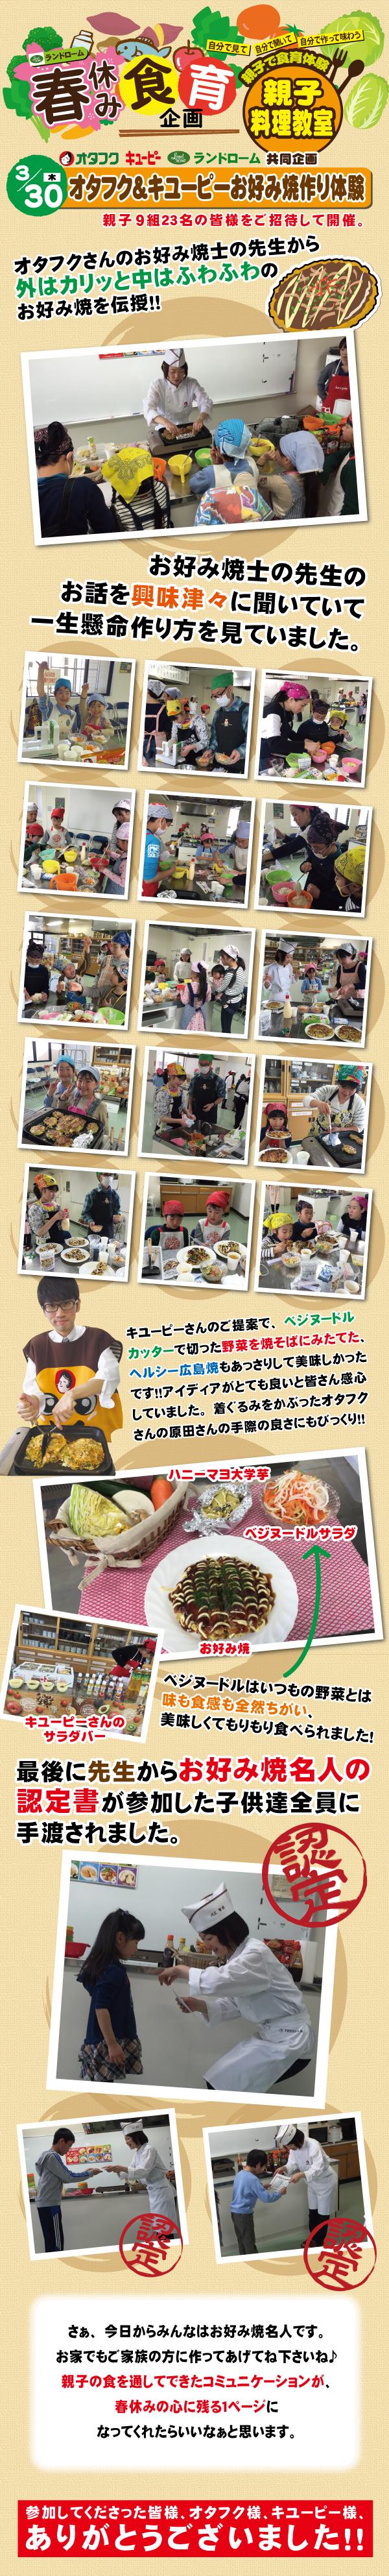 オタフク&キユーピー お好み焼作り体験